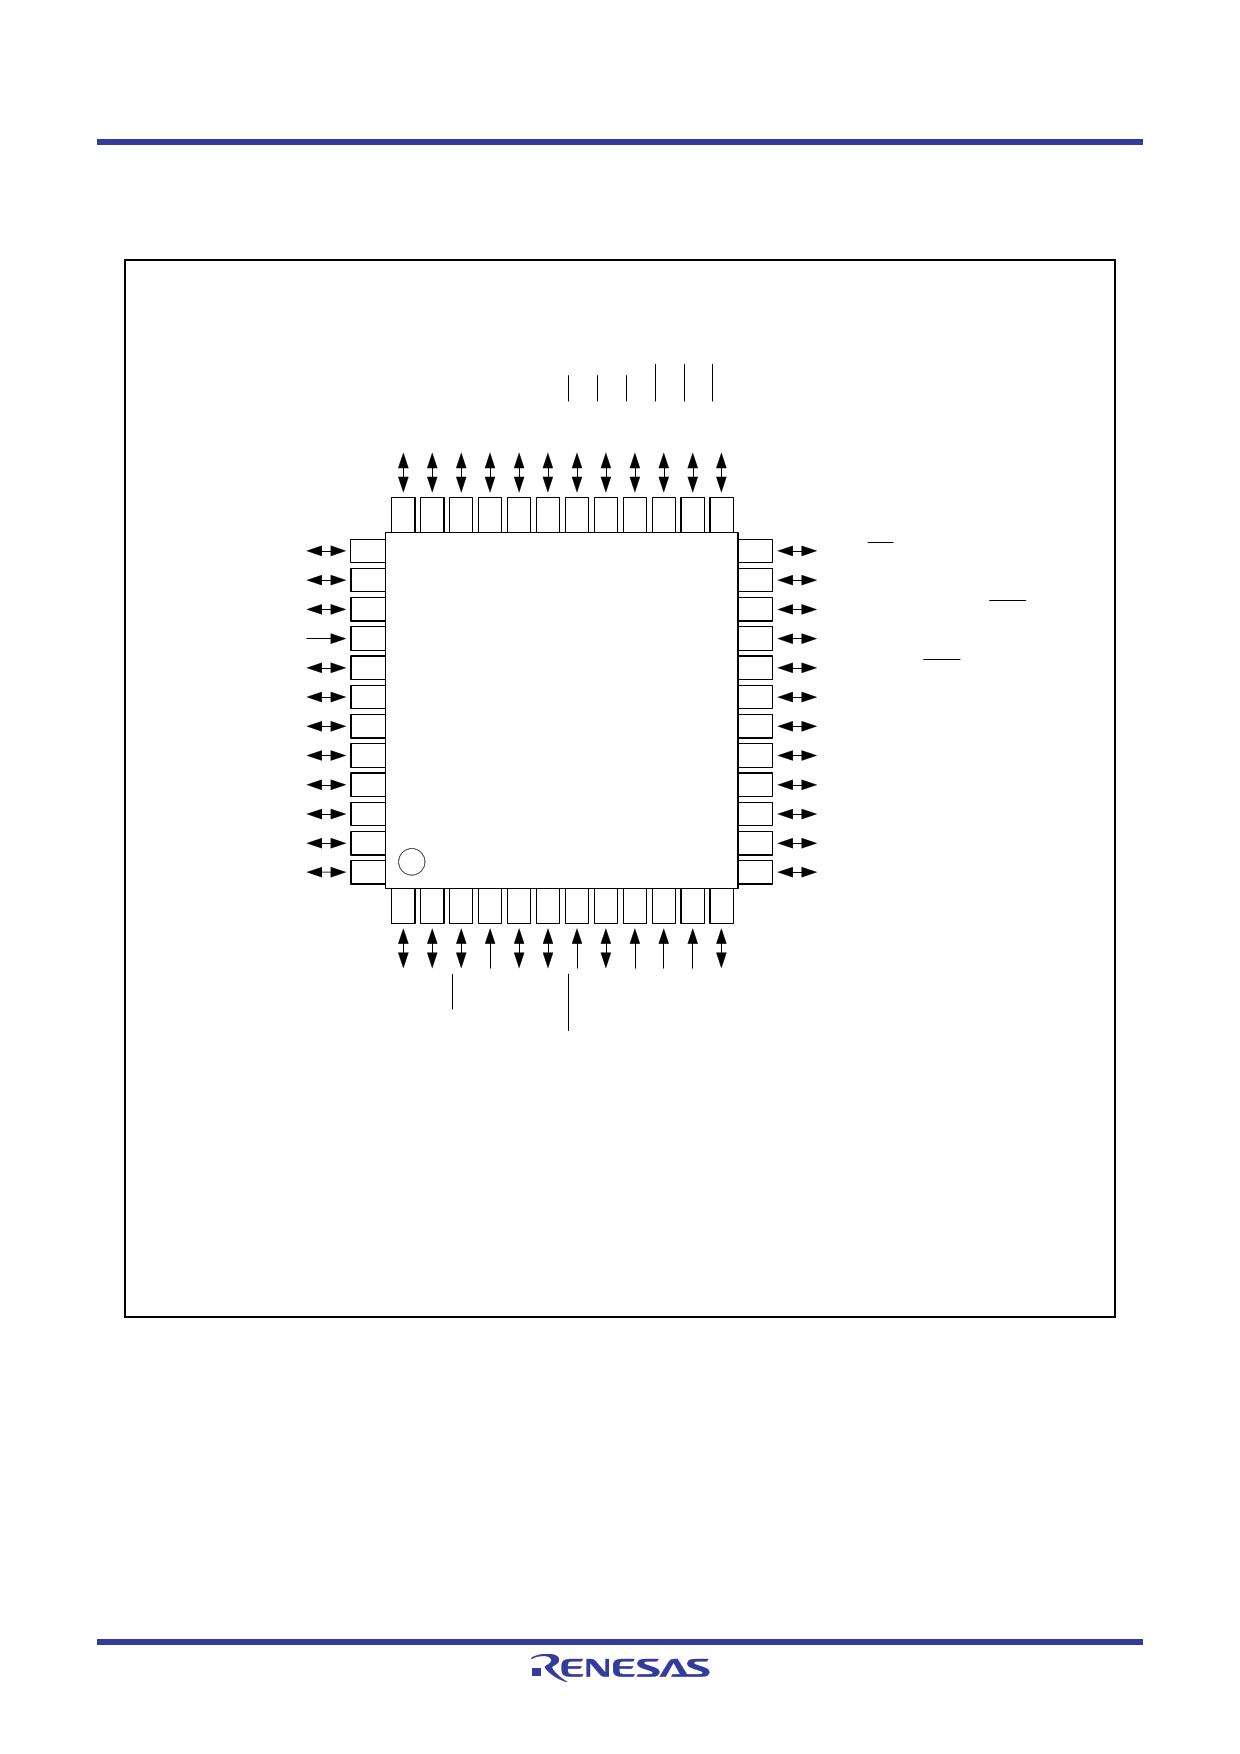 R5F21227KFP 전자부품, 판매, 대치품